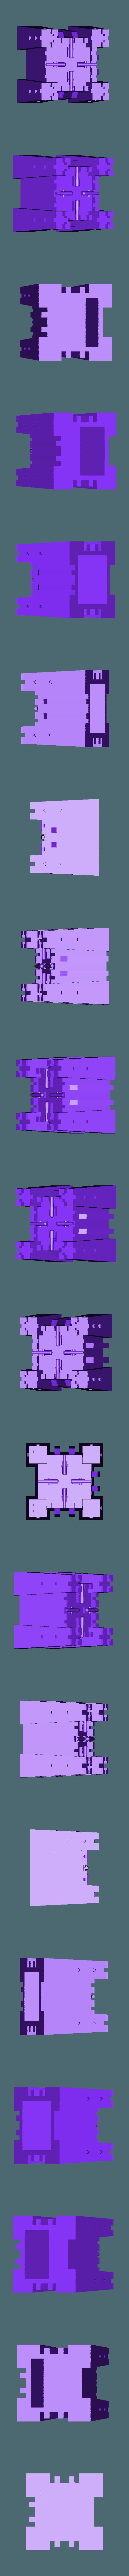 HumanFort.stl Download free STL file ManThingFort • 3D printer model, barnEbiss2